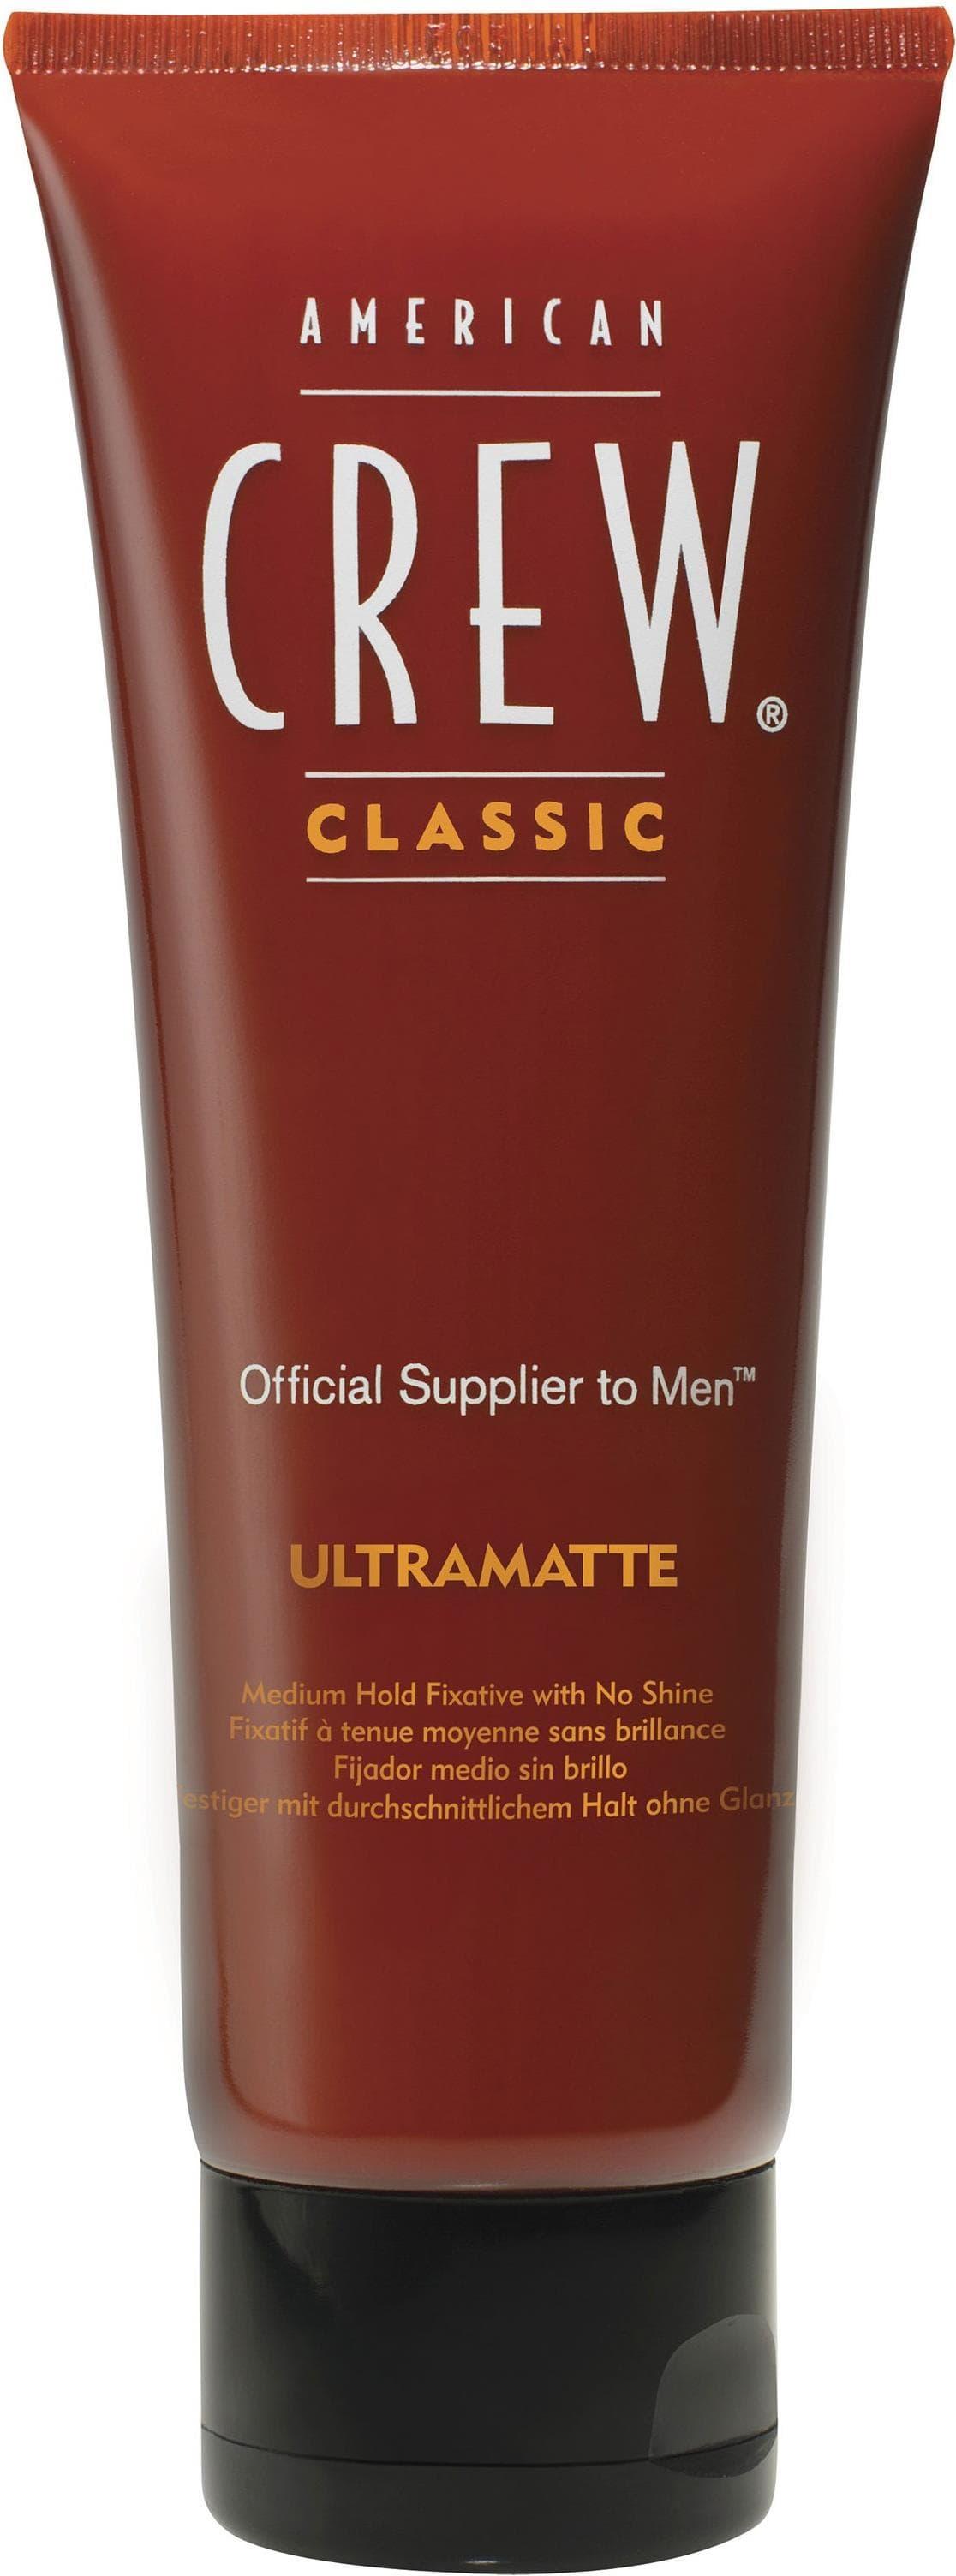 Гель для стайлинга Crew Classic Ultramatte, 100 млКрем-гель средней фиксации с матовым эффектом улучшает структуру волос и защищает его от вредного воздействия окружающей среды. Благодаря специальному составу с Пантенолом делает волосы более здоровыми и придает ему плотность. Позволяет создавать подвижную укладку без блеска. Хорошо уплотняет волосы.&#13;<br>&#13;<br>  &#13;<br>&#13;<br>&#13;<br>Тип волос: редкие, тонкие или склонные к жирности волосы.&#13;<br>&#13;<br>&#13;<br>  &#13;<br>&#13;<br>&#13;<br>Применение: нанесите крем на влажные волосы от корней до кончиков, сделайте укладку с помощью фена. Если необходимо, нанесите на сухие волосы для усиления матового эффекта.&#13;<br>&#13;<br>&#13;<br>  &#13;<br>&#13;<br>&#13;<br>Состав:&#13;<br>&#13;<br>Aqua (Water) (Eau), Acrylates Crosspolymer-3, Acrylates Copolymer, Silica,Triethanolamine, Panthenol, PEG-40 Hydrogenated Castor Oil, Sodium PCA, Hydrolyzed WheatProtein, Benzophenone-4, Parfum (Fragrance), Benzyl Salicylate, Limonene, Linalool, Butylphenyl Methylpropional, Hexyl Cinnamal, Alpha-Isomethyl Ionone, Hydroxyisohexyl-3-Cyclohexene Carboxaldehyde, Hydroxycitronellal, Geraniol, Phenoxyethanol, Methylis...<br>